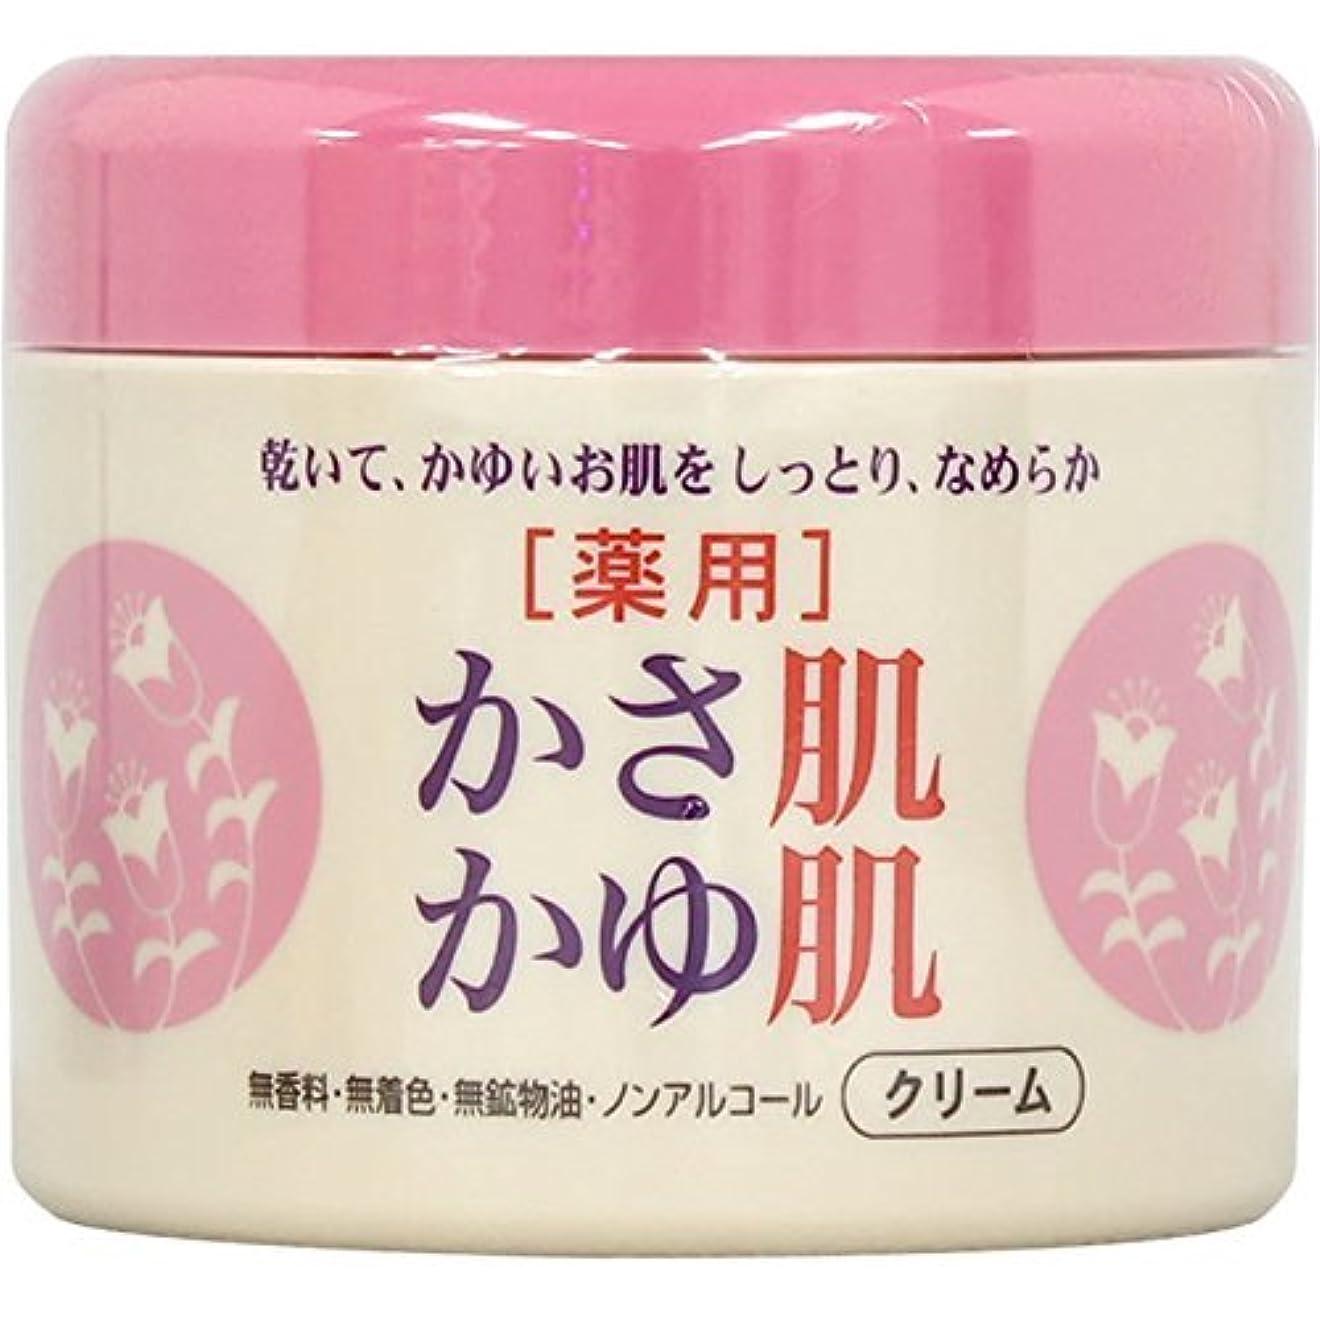 菊体細胞ベンチMK 薬用 かさ肌かゆ肌ミルキークリーム 280g (医薬部外品)